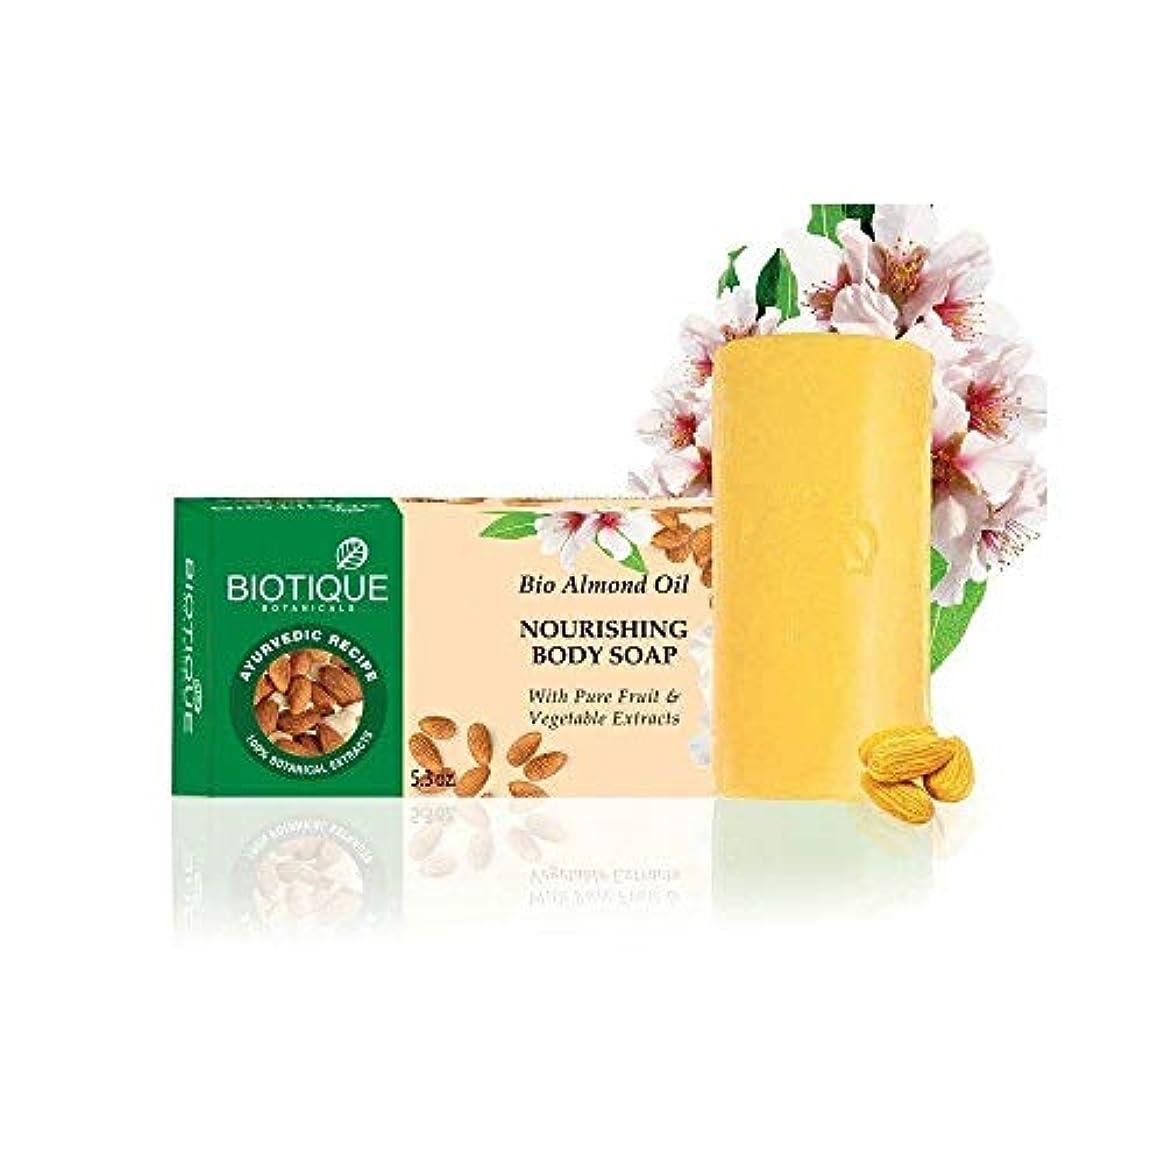 スラッシュ助けて刈り取るBiotique Bio Almond Oil Nourishing Body Soap - 150g (Pack of 2) wash Impurities Biotique Bio Almond Oilナリッシングボディソープ...